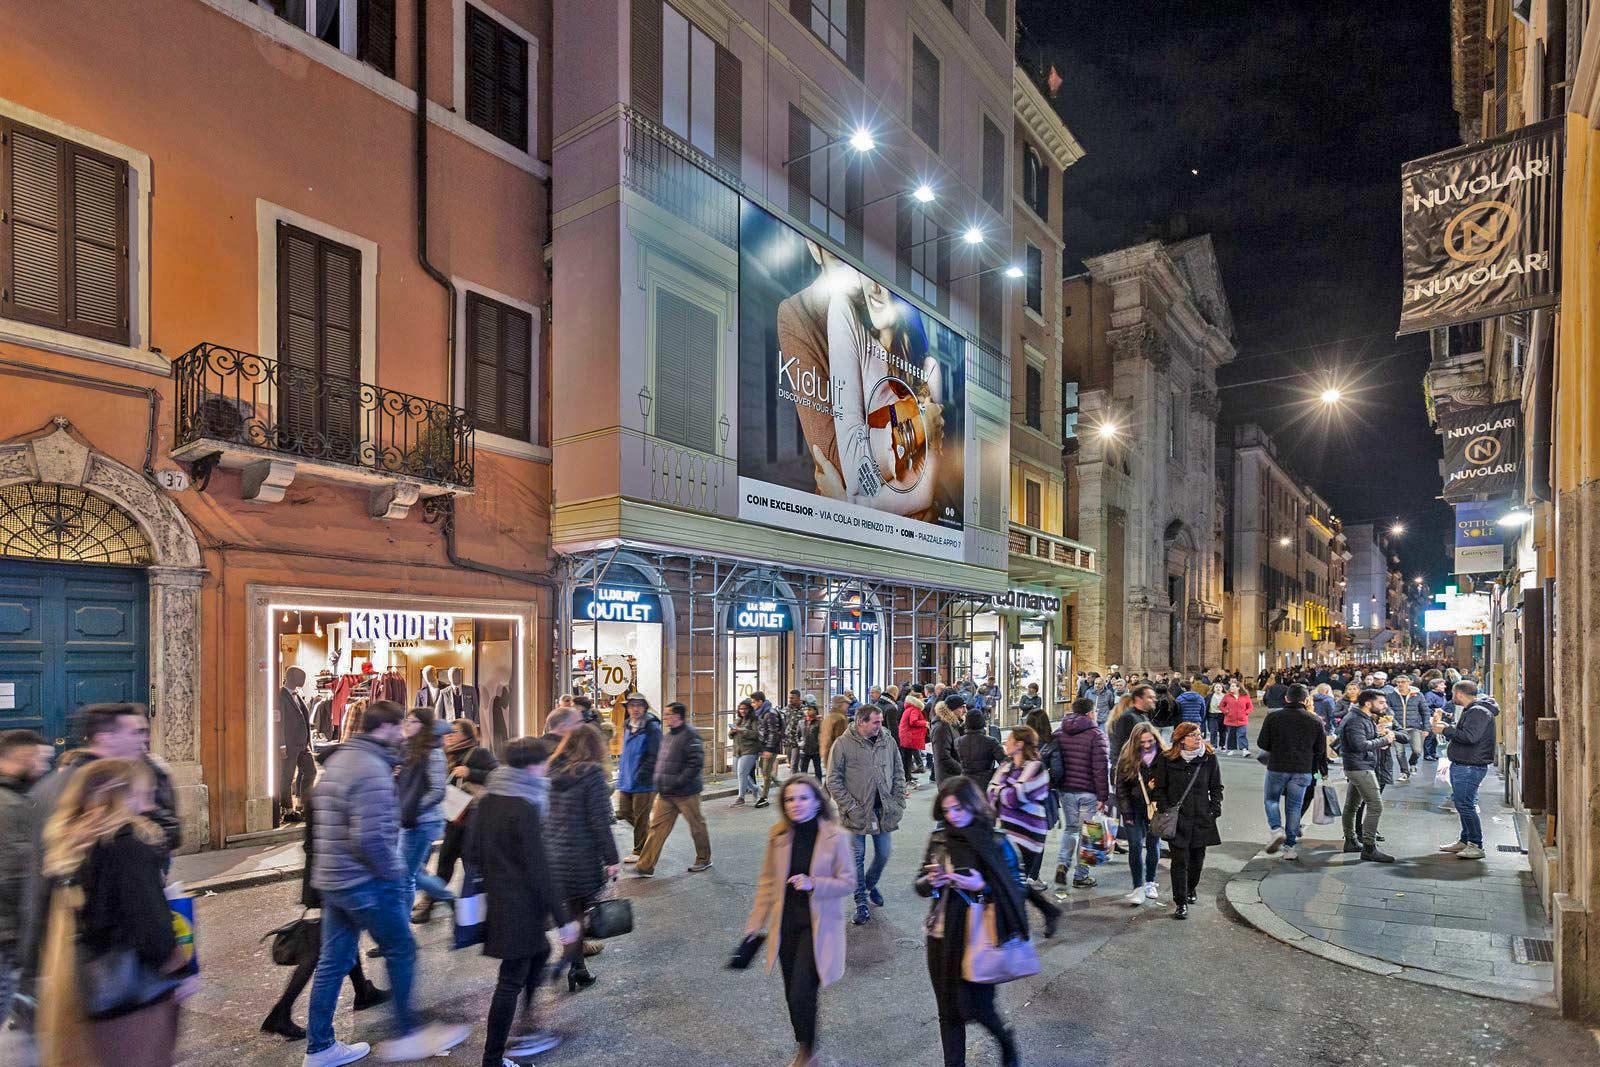 Roma via del corso piazza del popolo one unity for Bershka roma via del corso